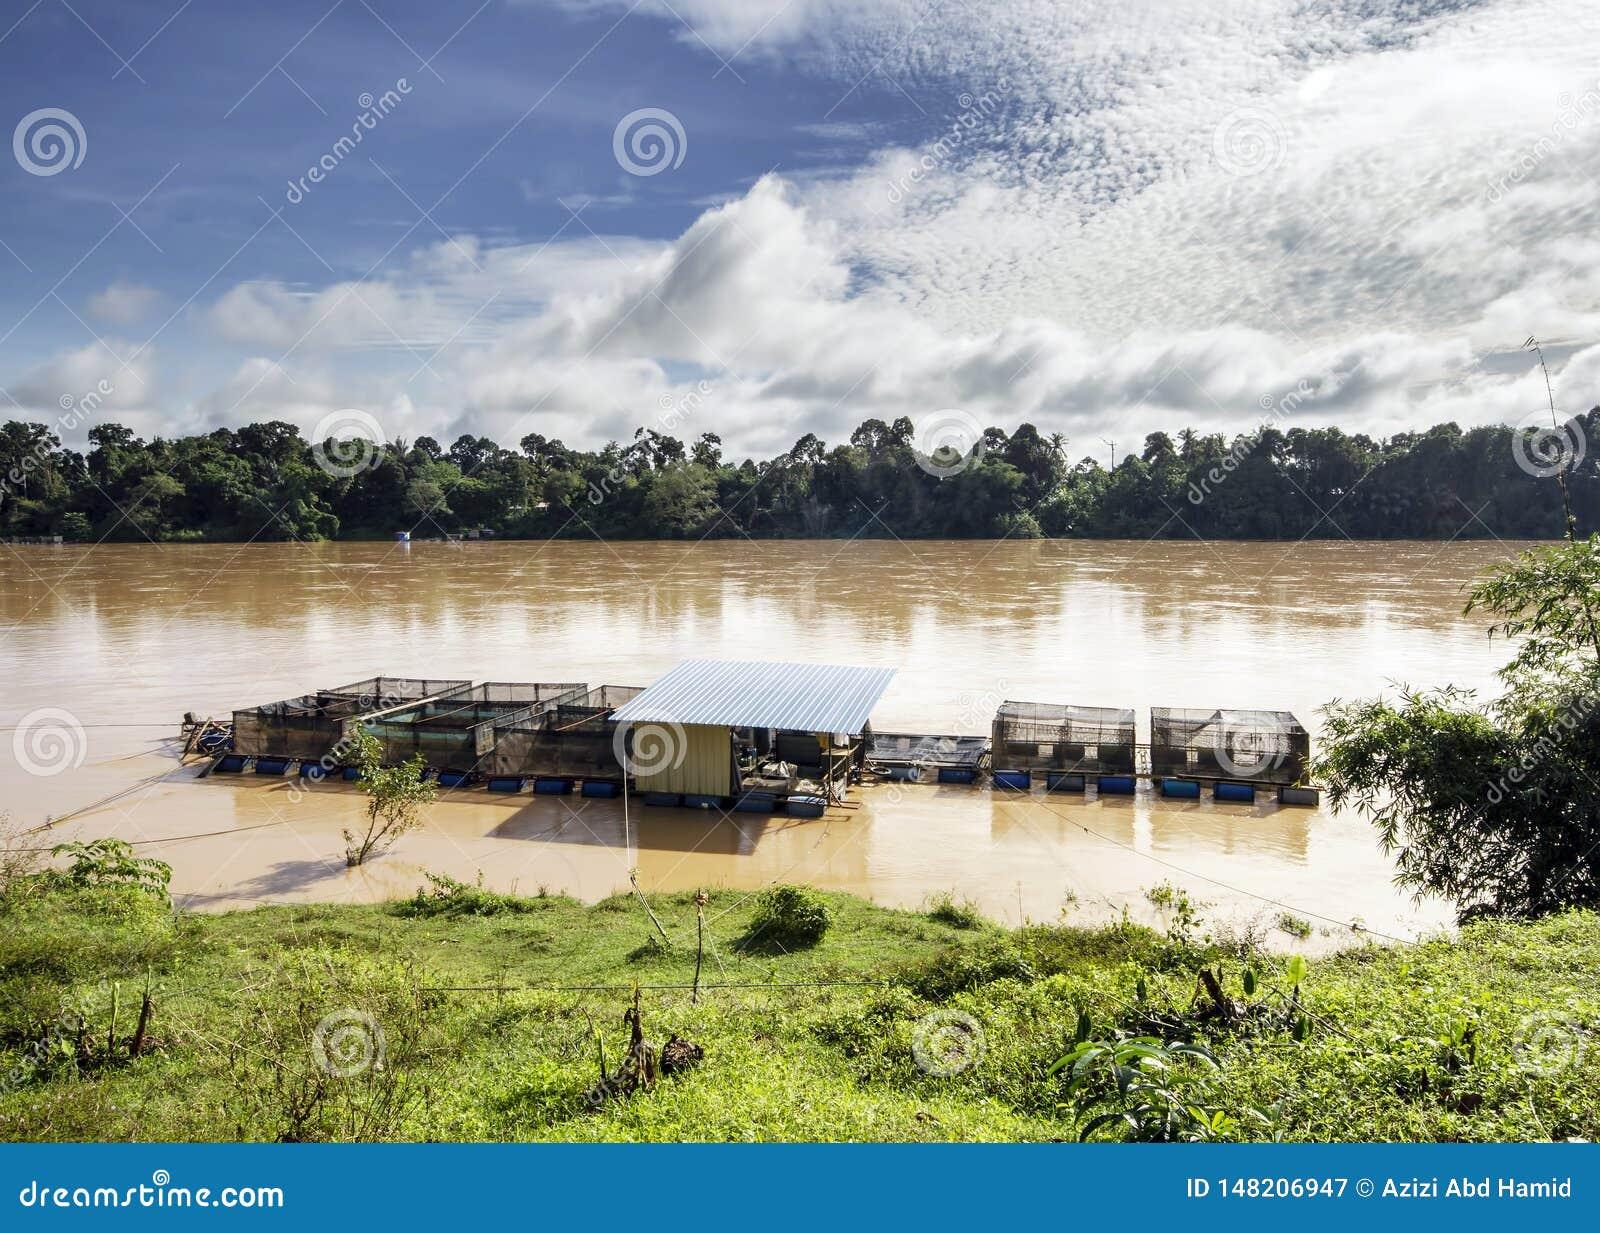 Patin fish cage breeding at a river